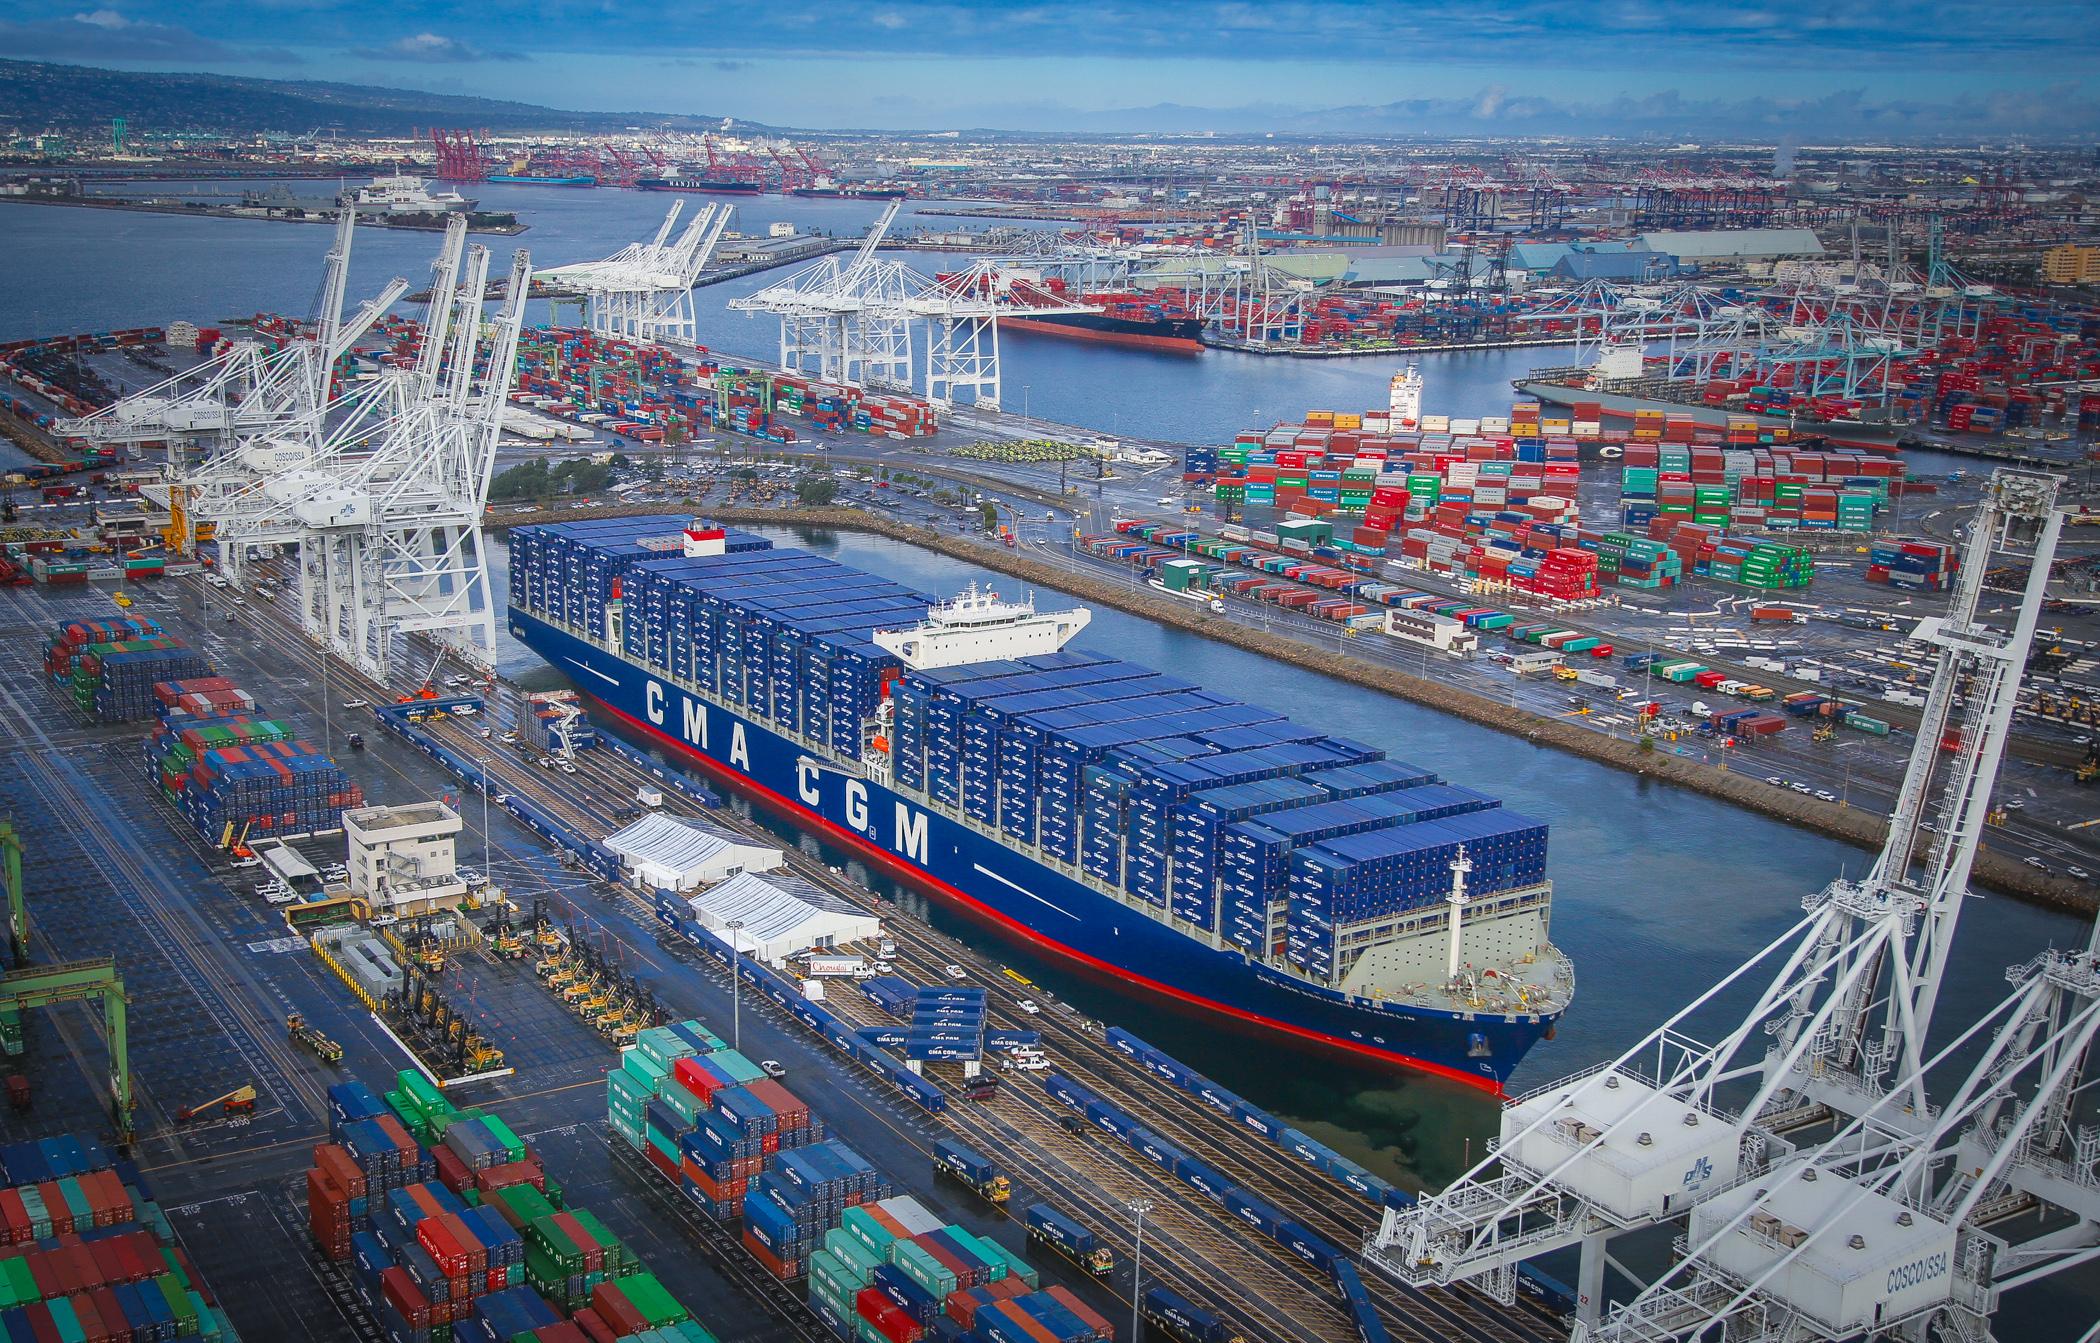 La stratégie des Etats-Unis en matière de commerce maritime